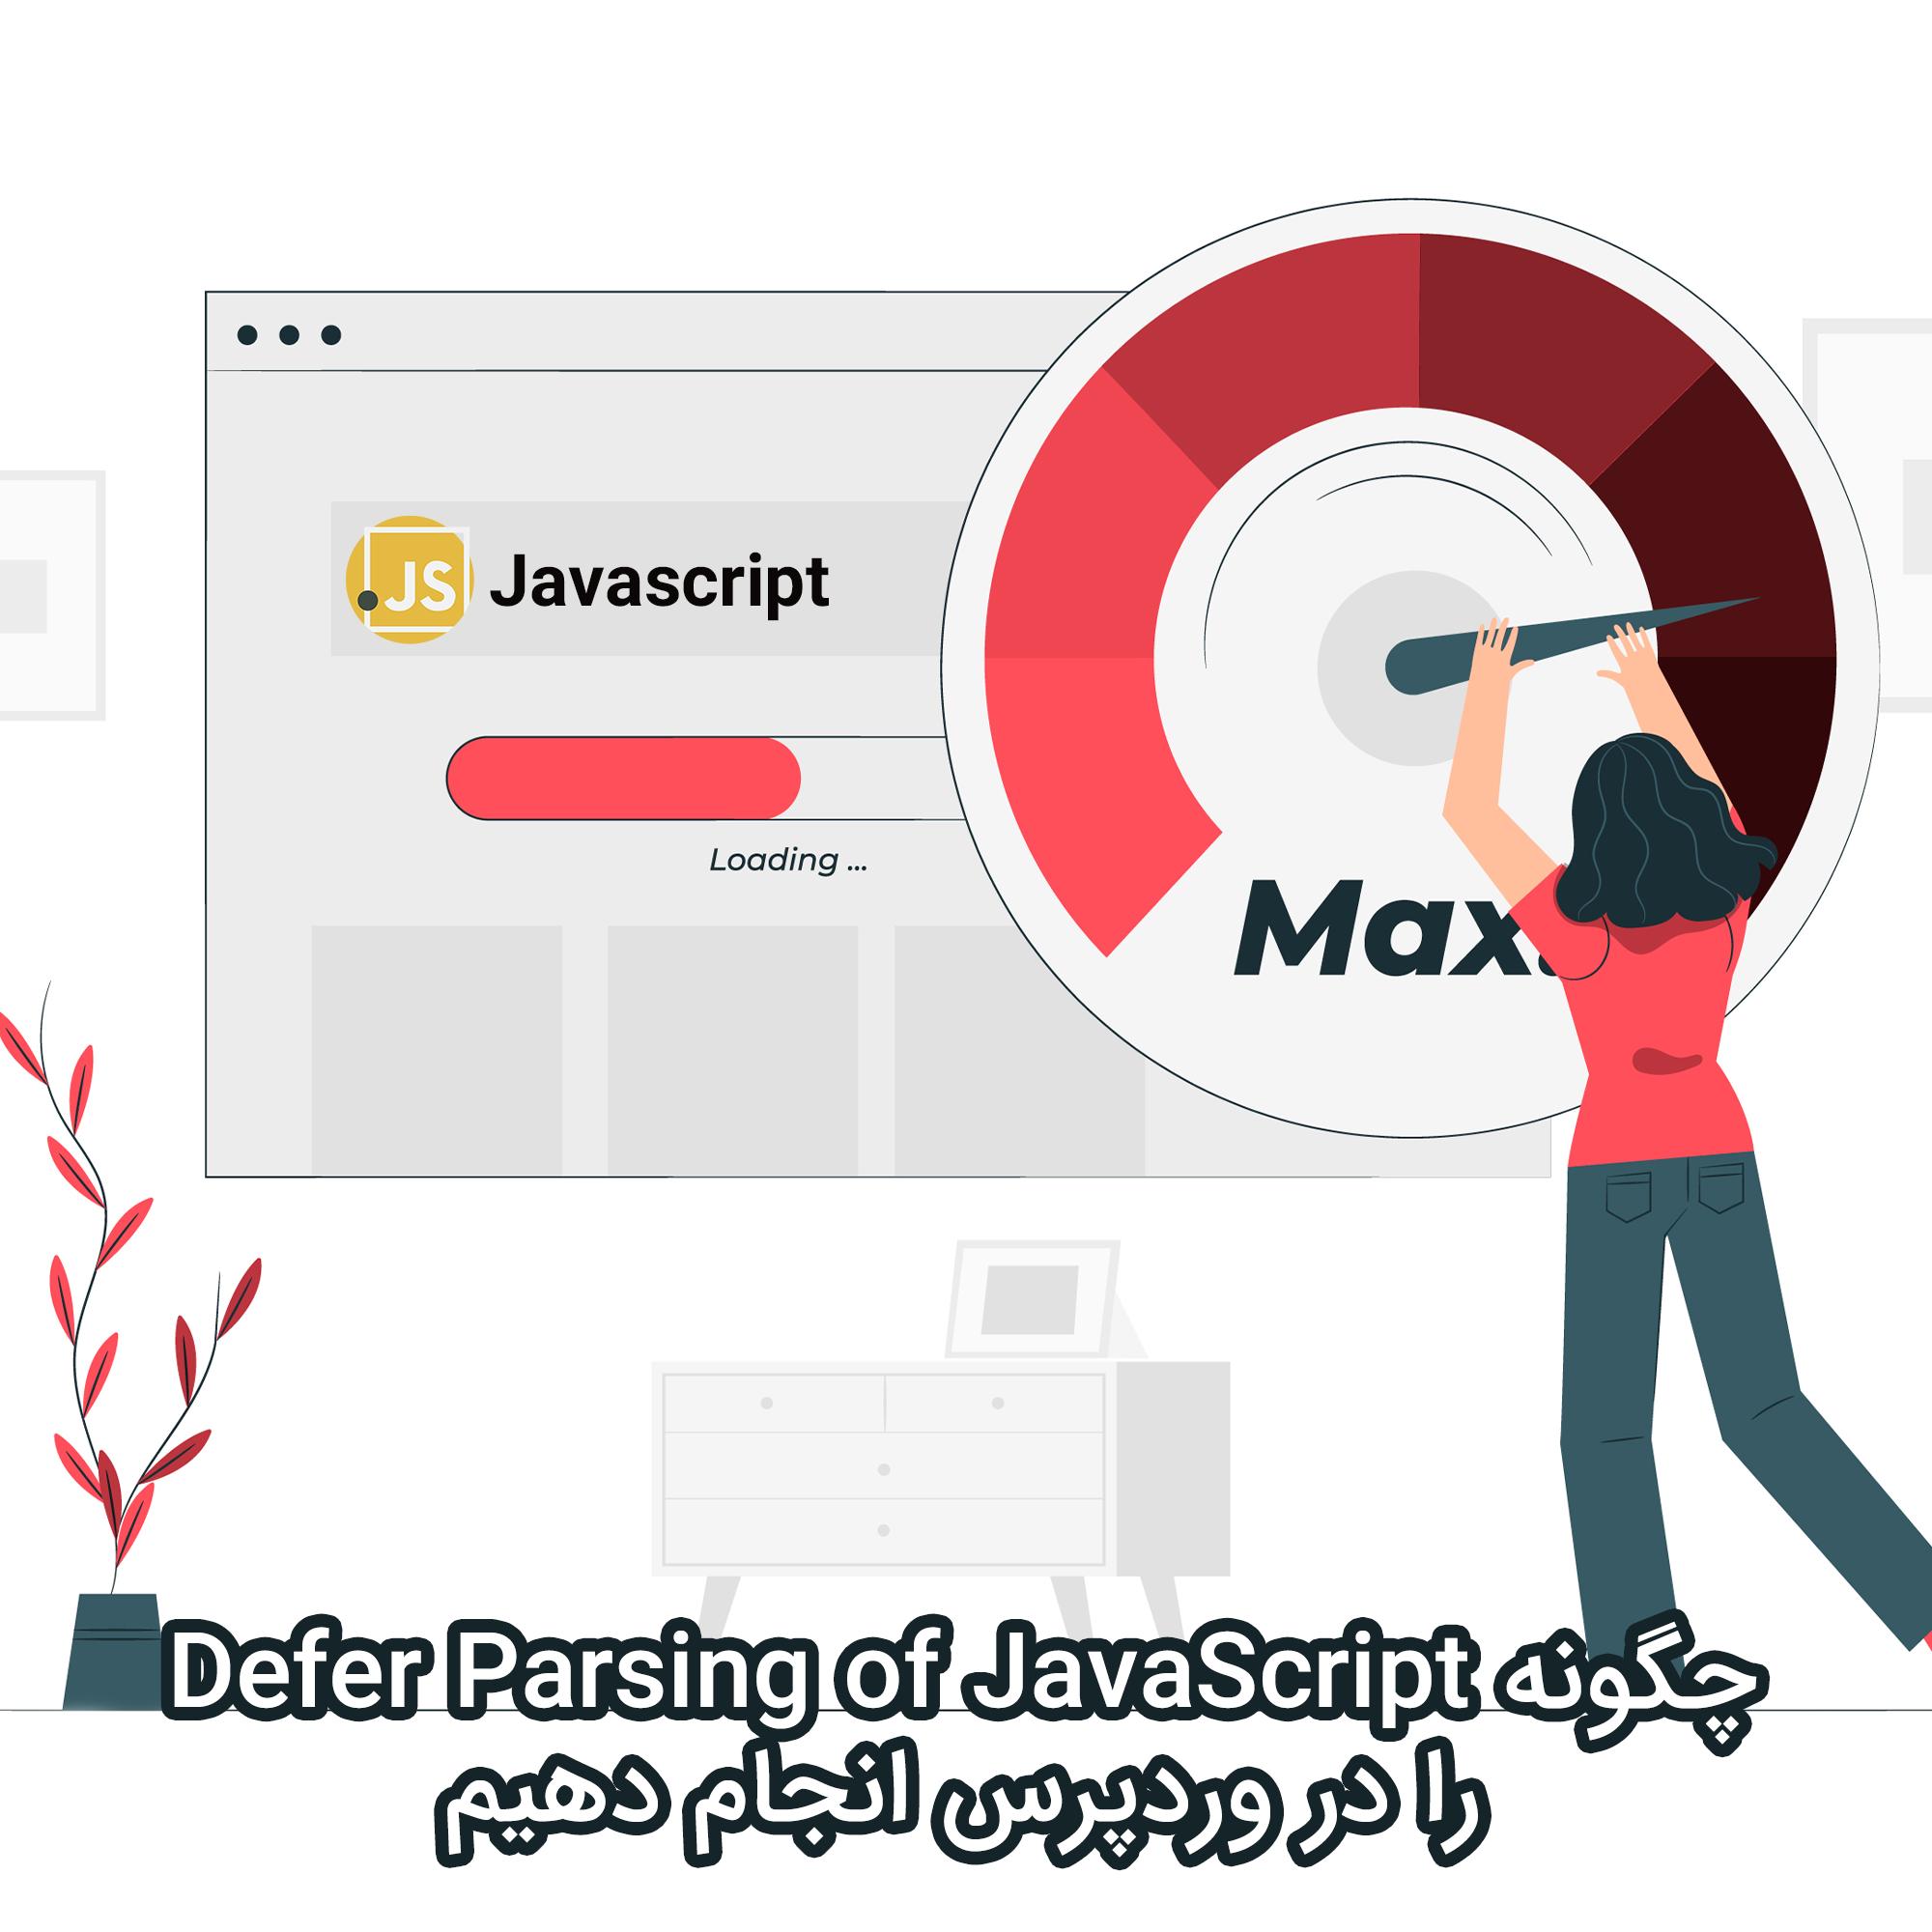 خطای Defer Parsing of JavaScript در GTMetrix و روش حل آن